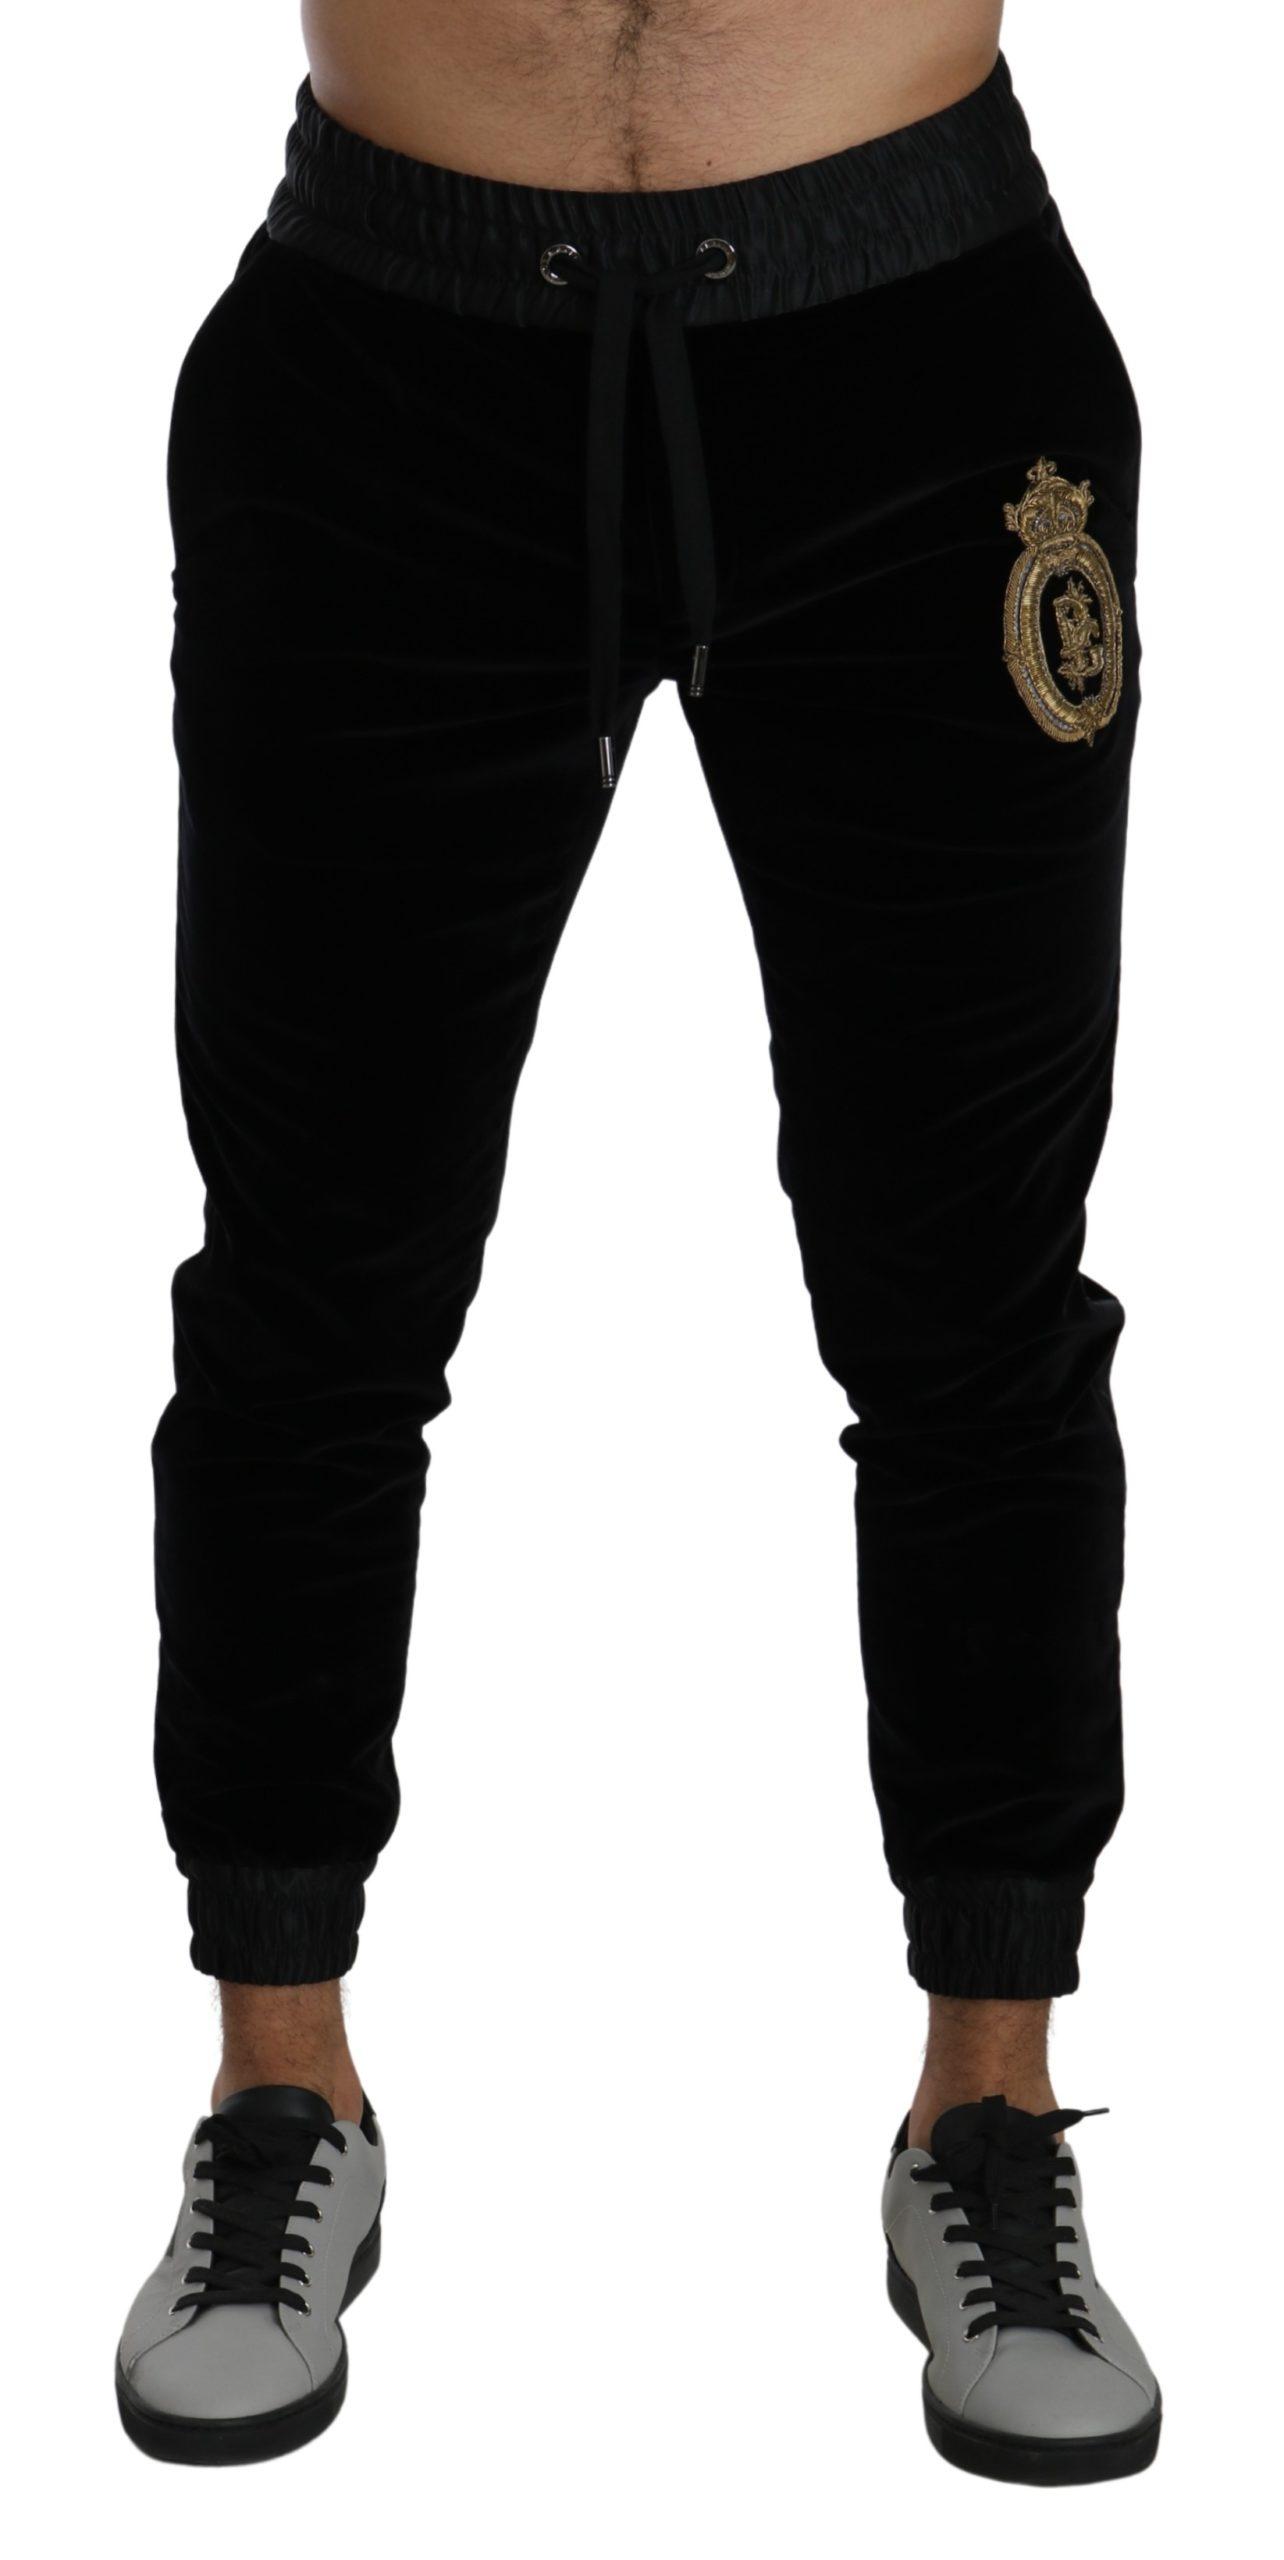 Dolce & Gabbana Men's Logo Jogging Cotton Trouser Black PAN71423 - IT48   M